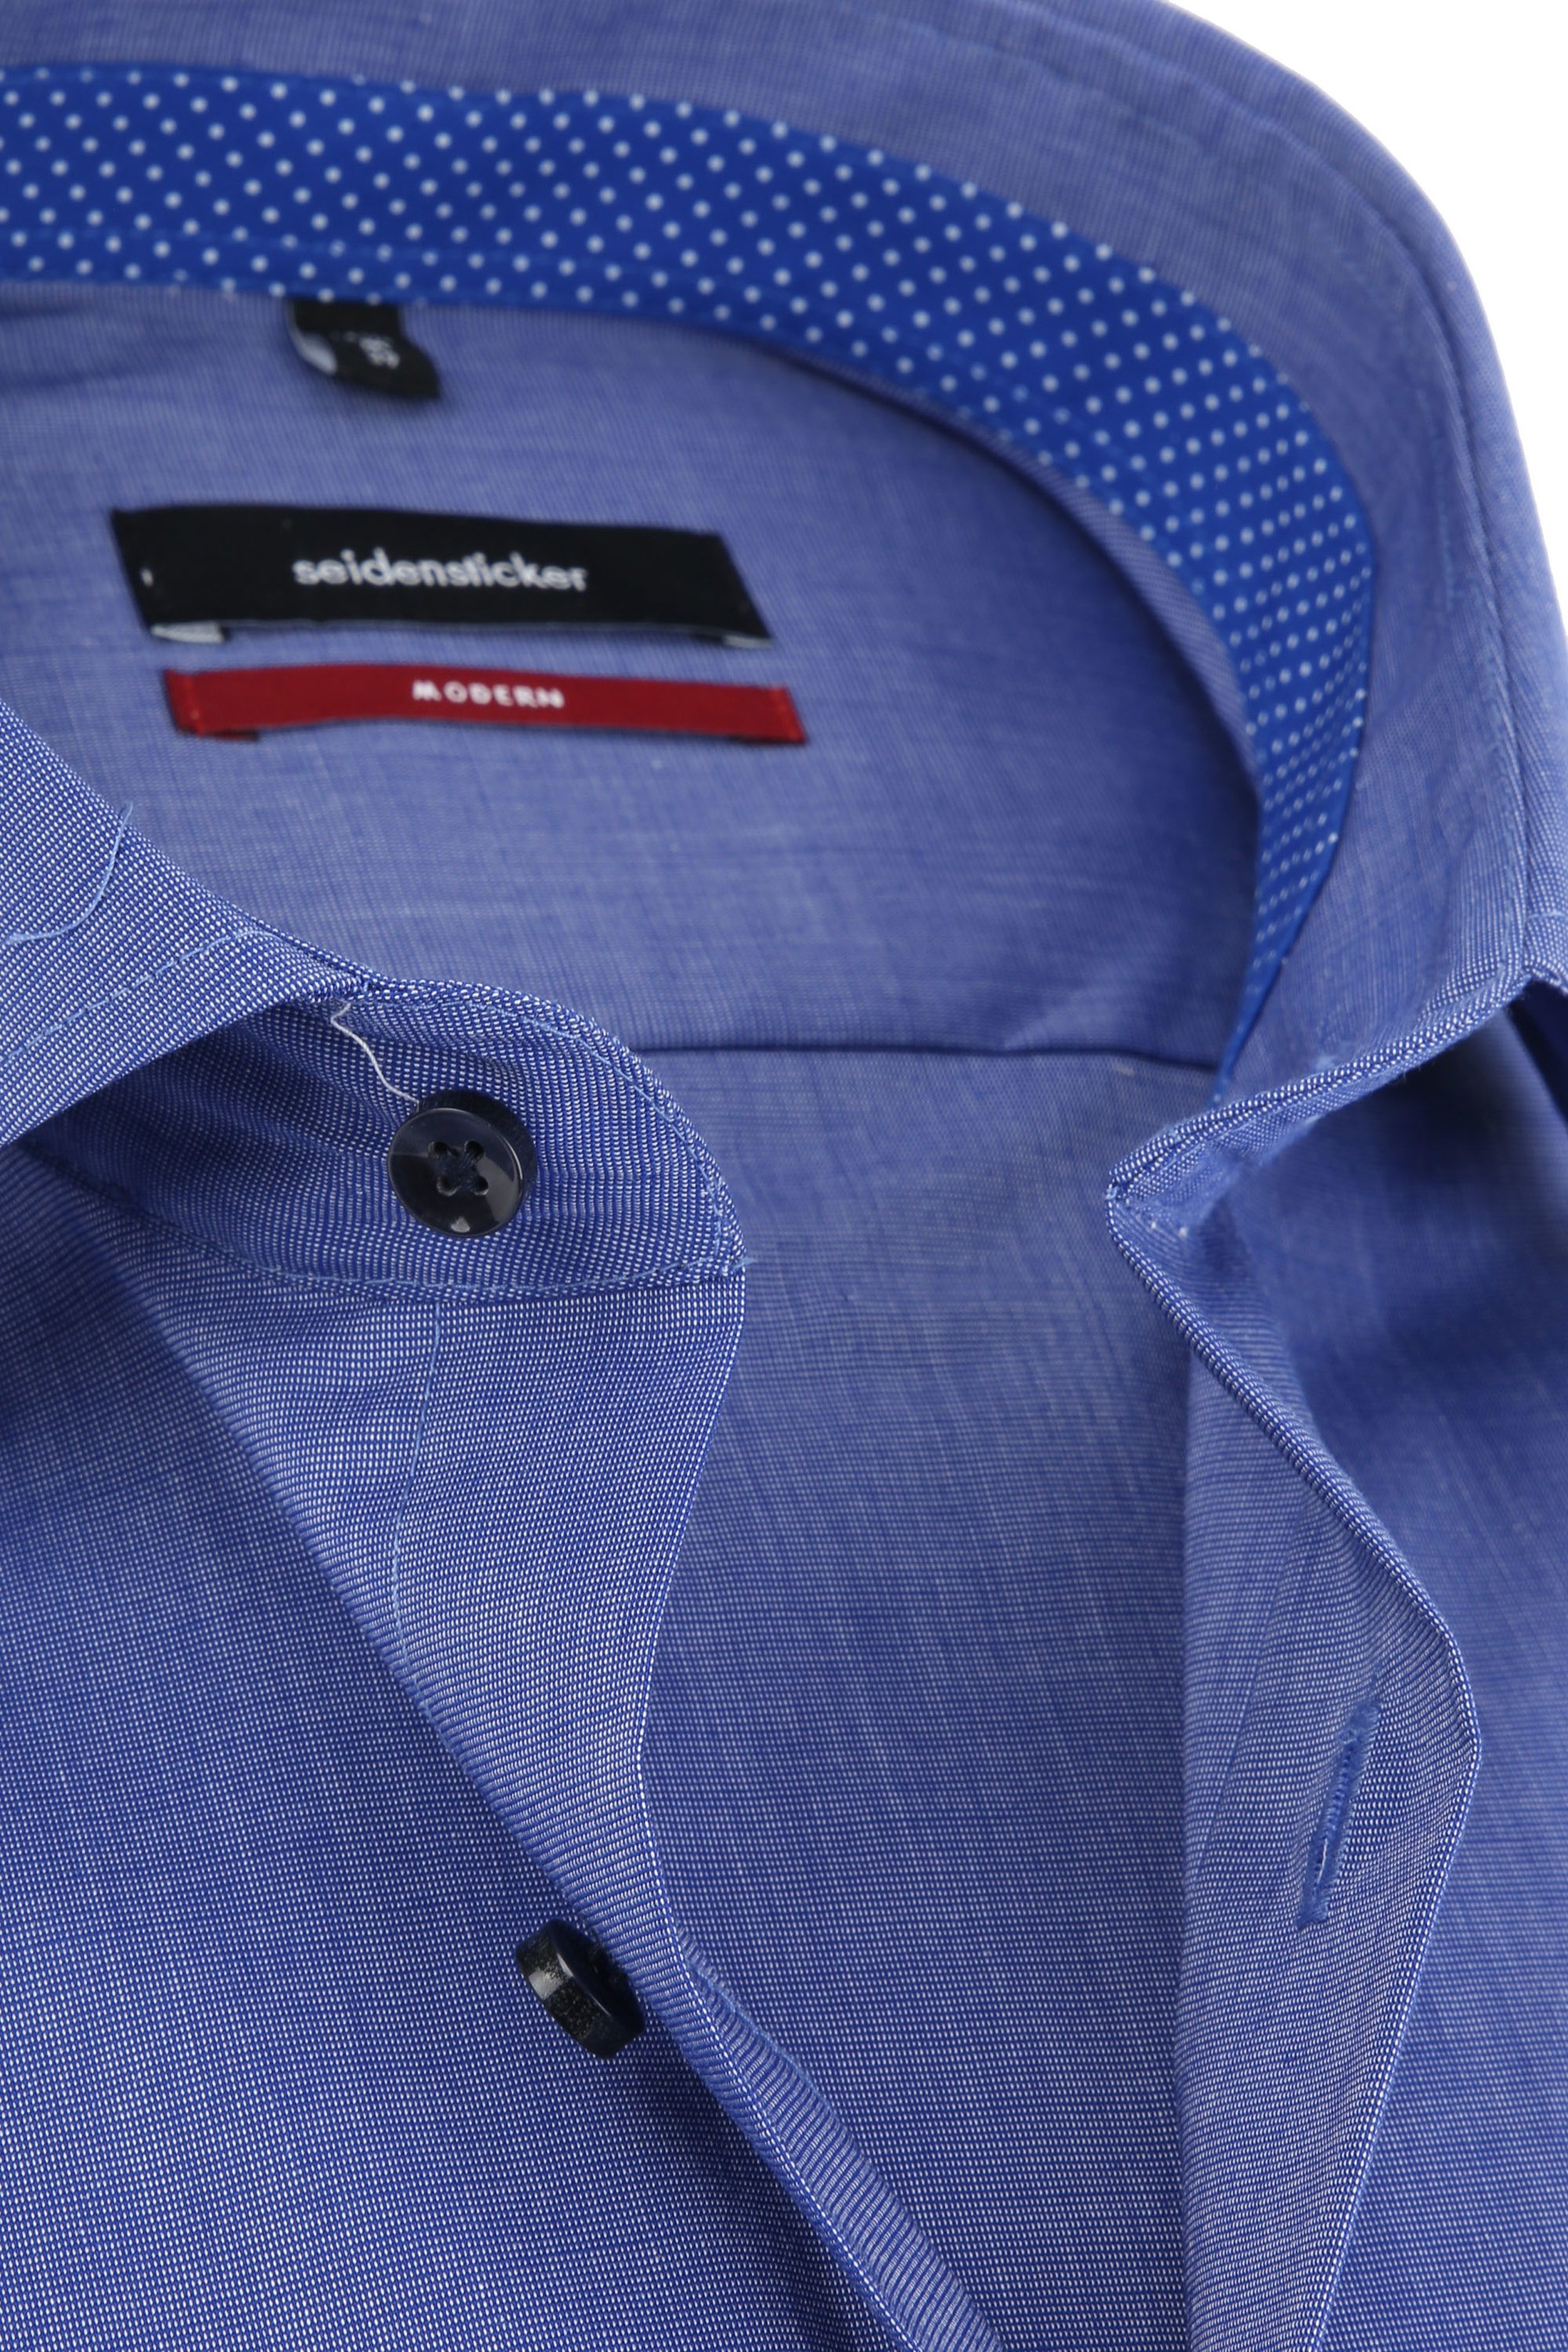 Seidensticker Overhemd Blauw foto 1